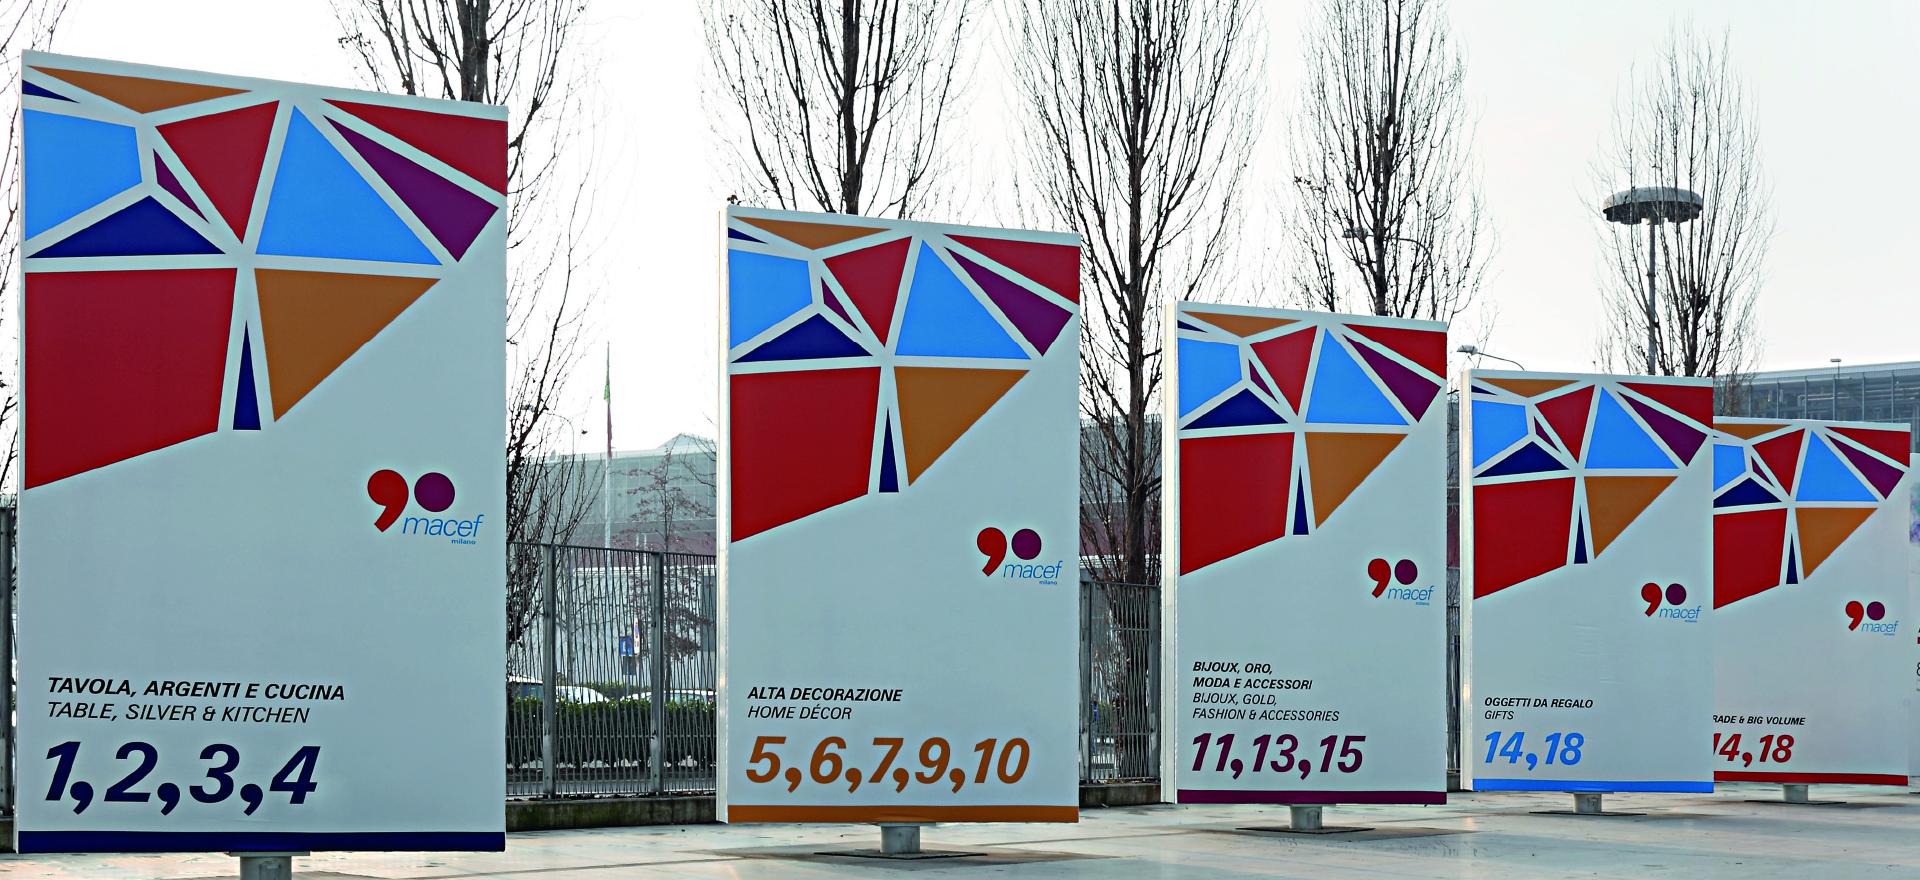 Rho Fiera Milano | Exhibition Design | Branding | Macef 90 | Mario Trimarchi Design | Fragile